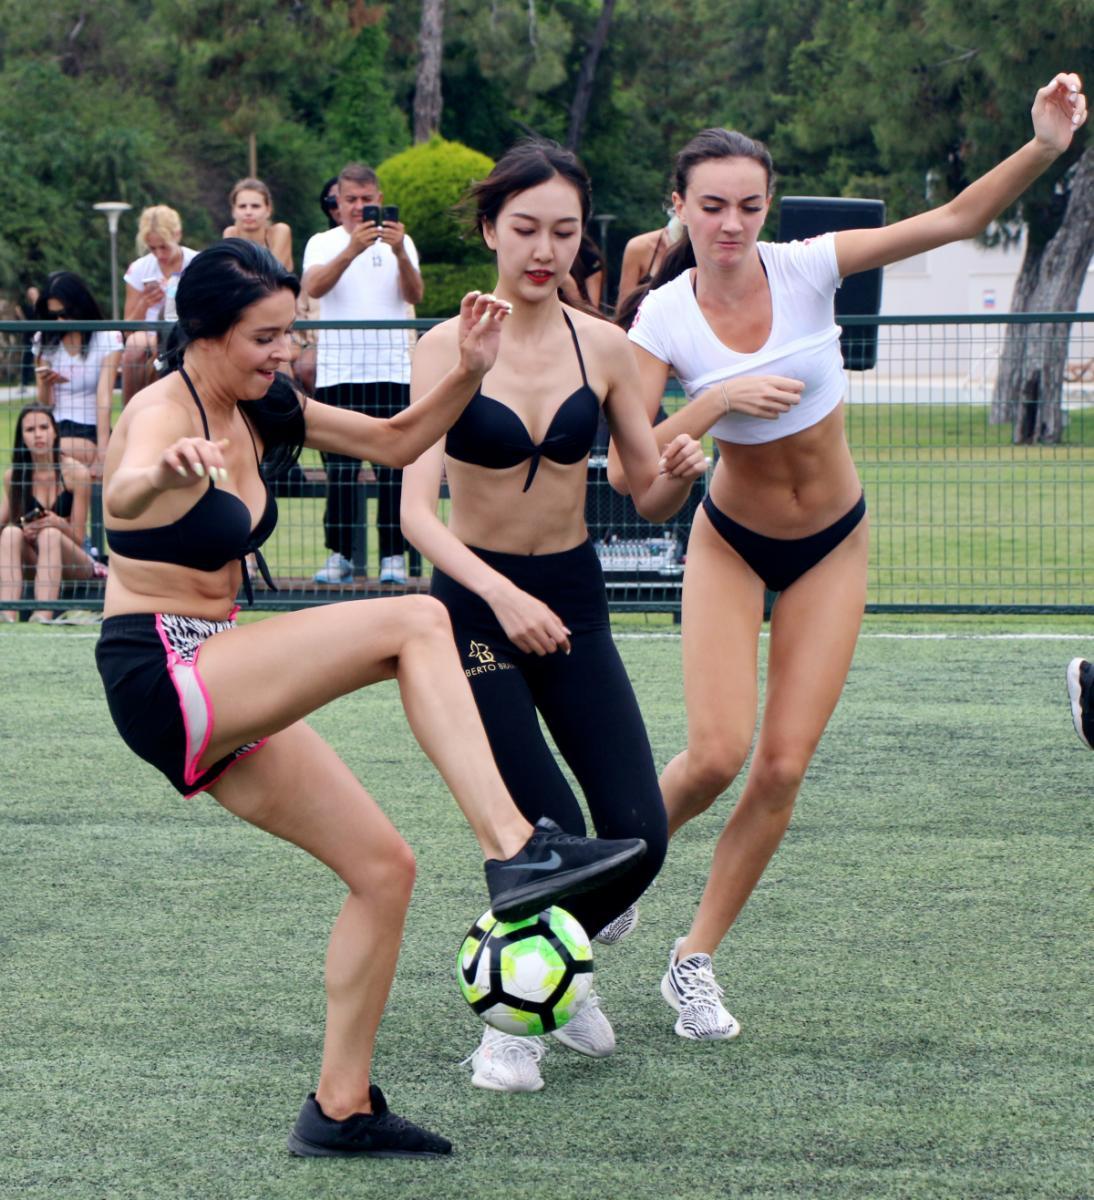 Kraliçe adayları, kürek çekti, futbol oynadı - Resim: 1